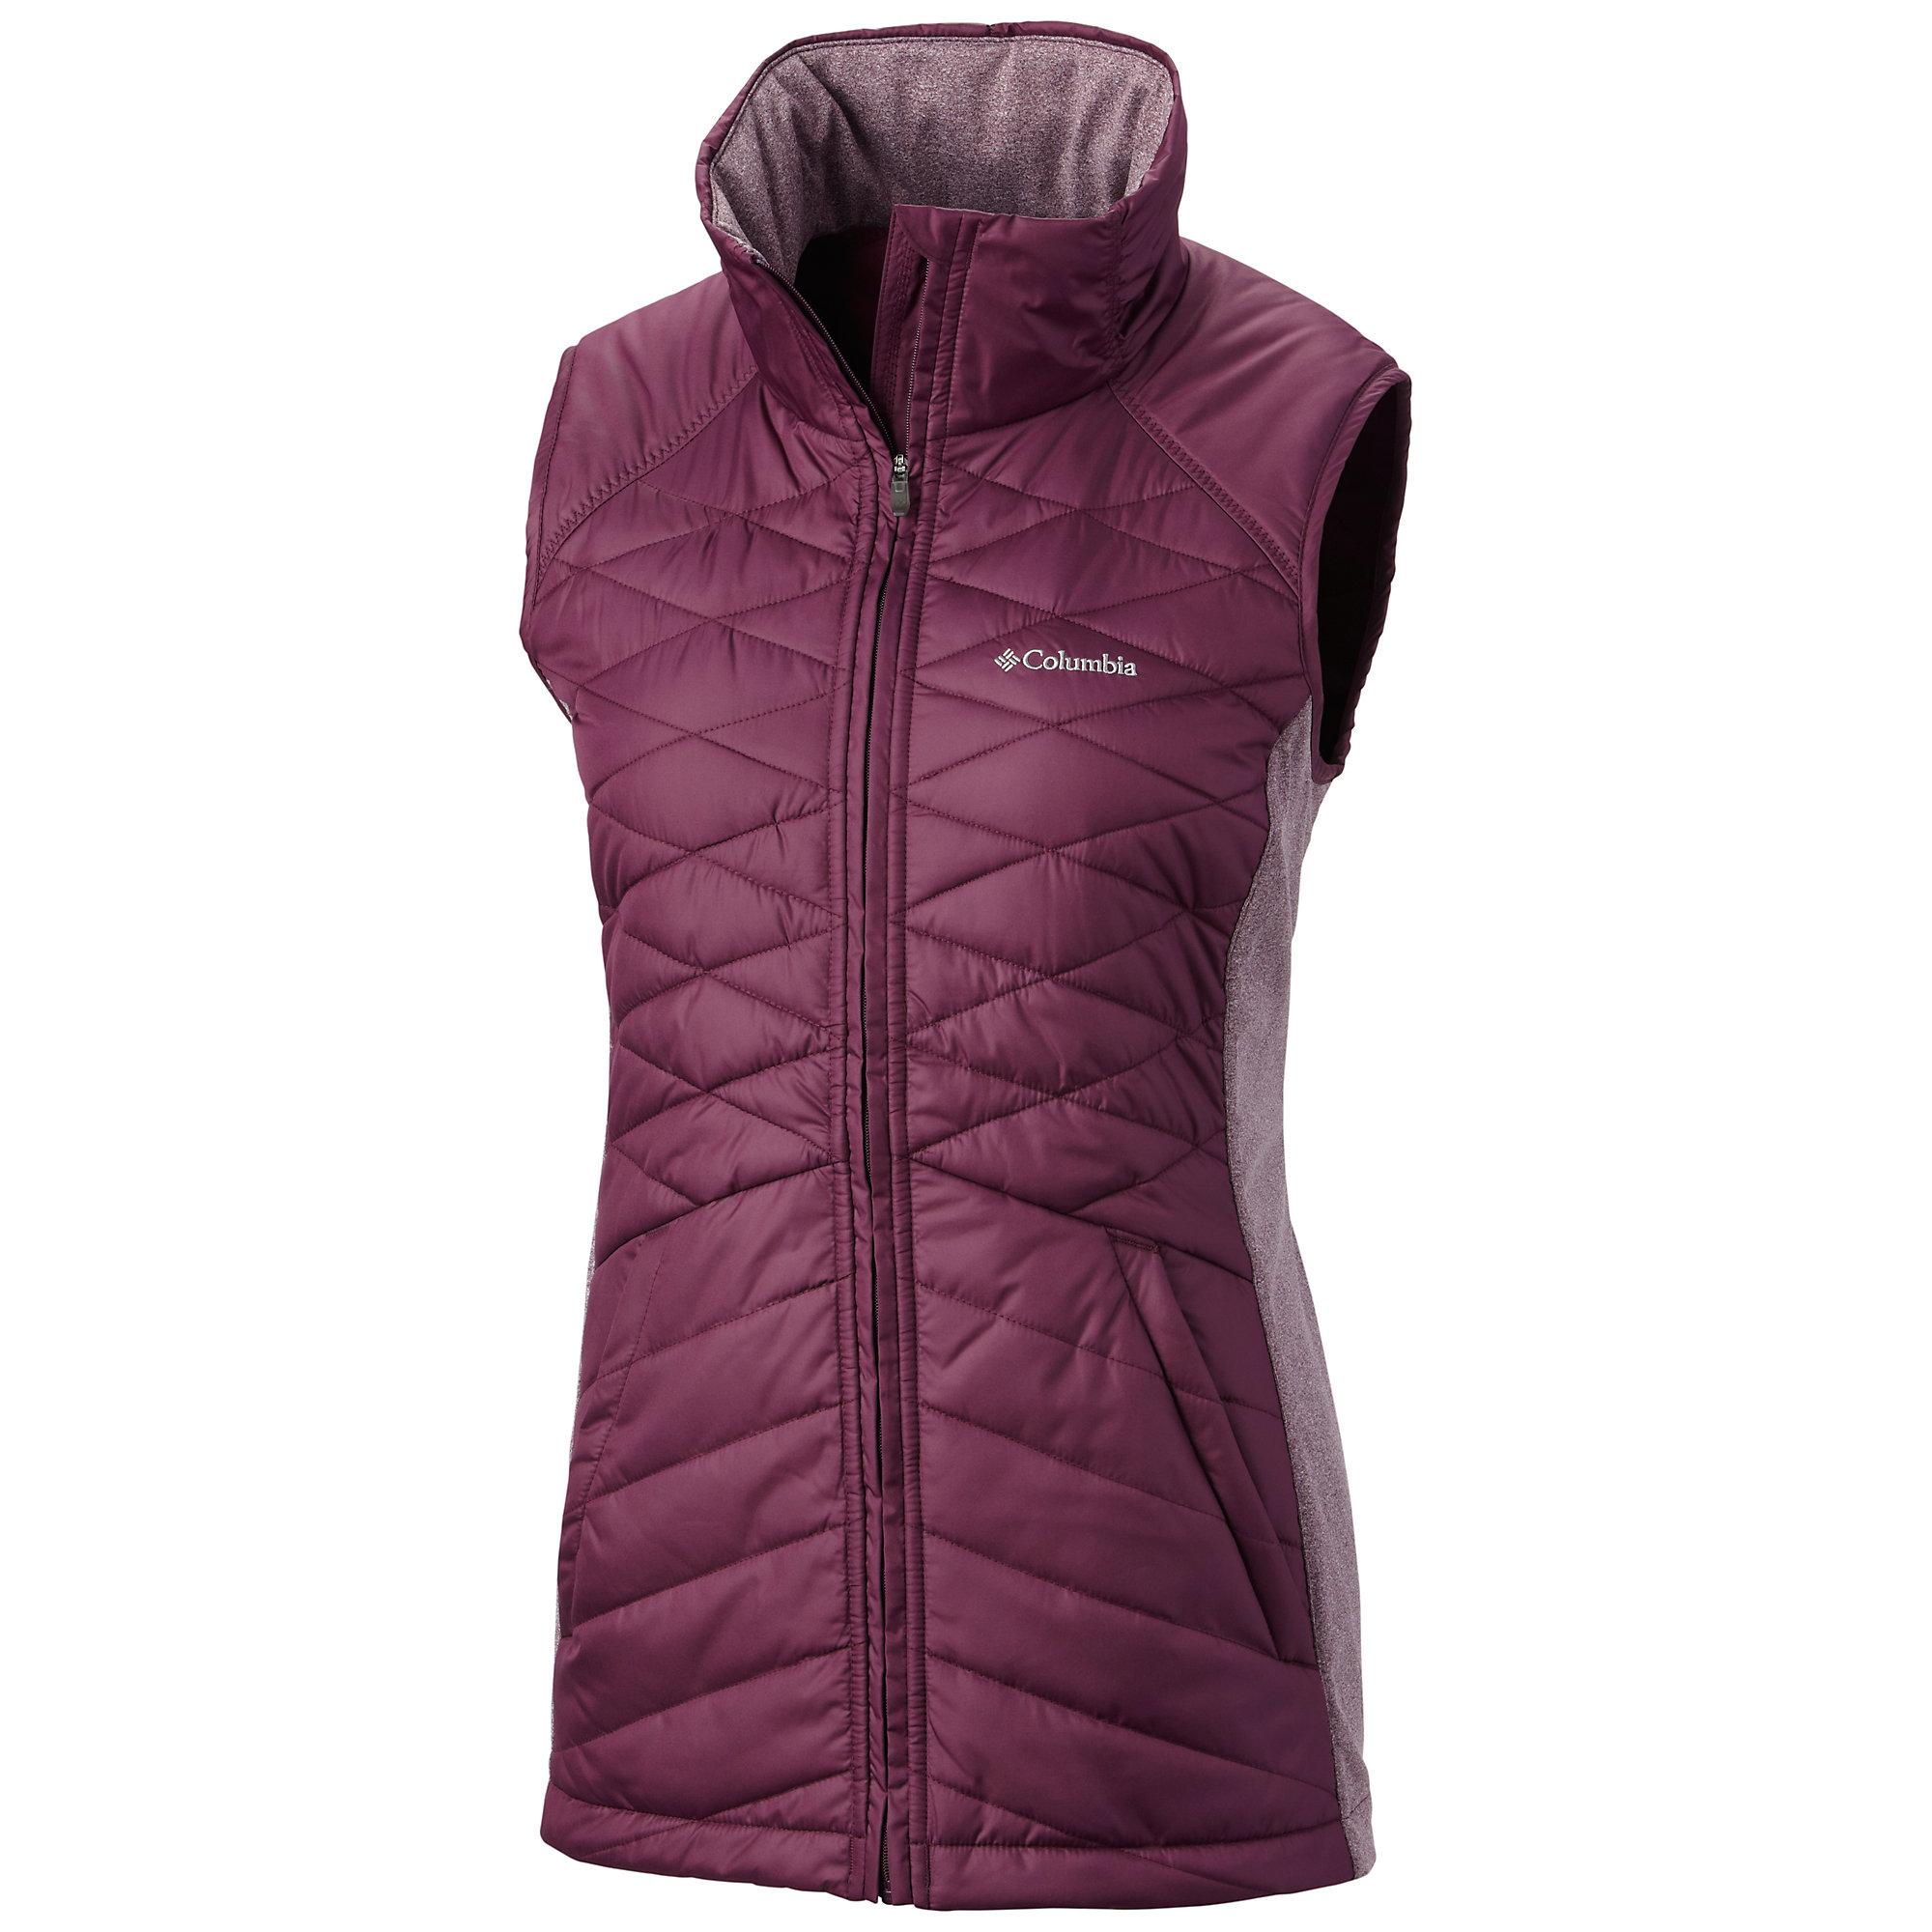 Columbia Aurora's Glow Hybrid Vest